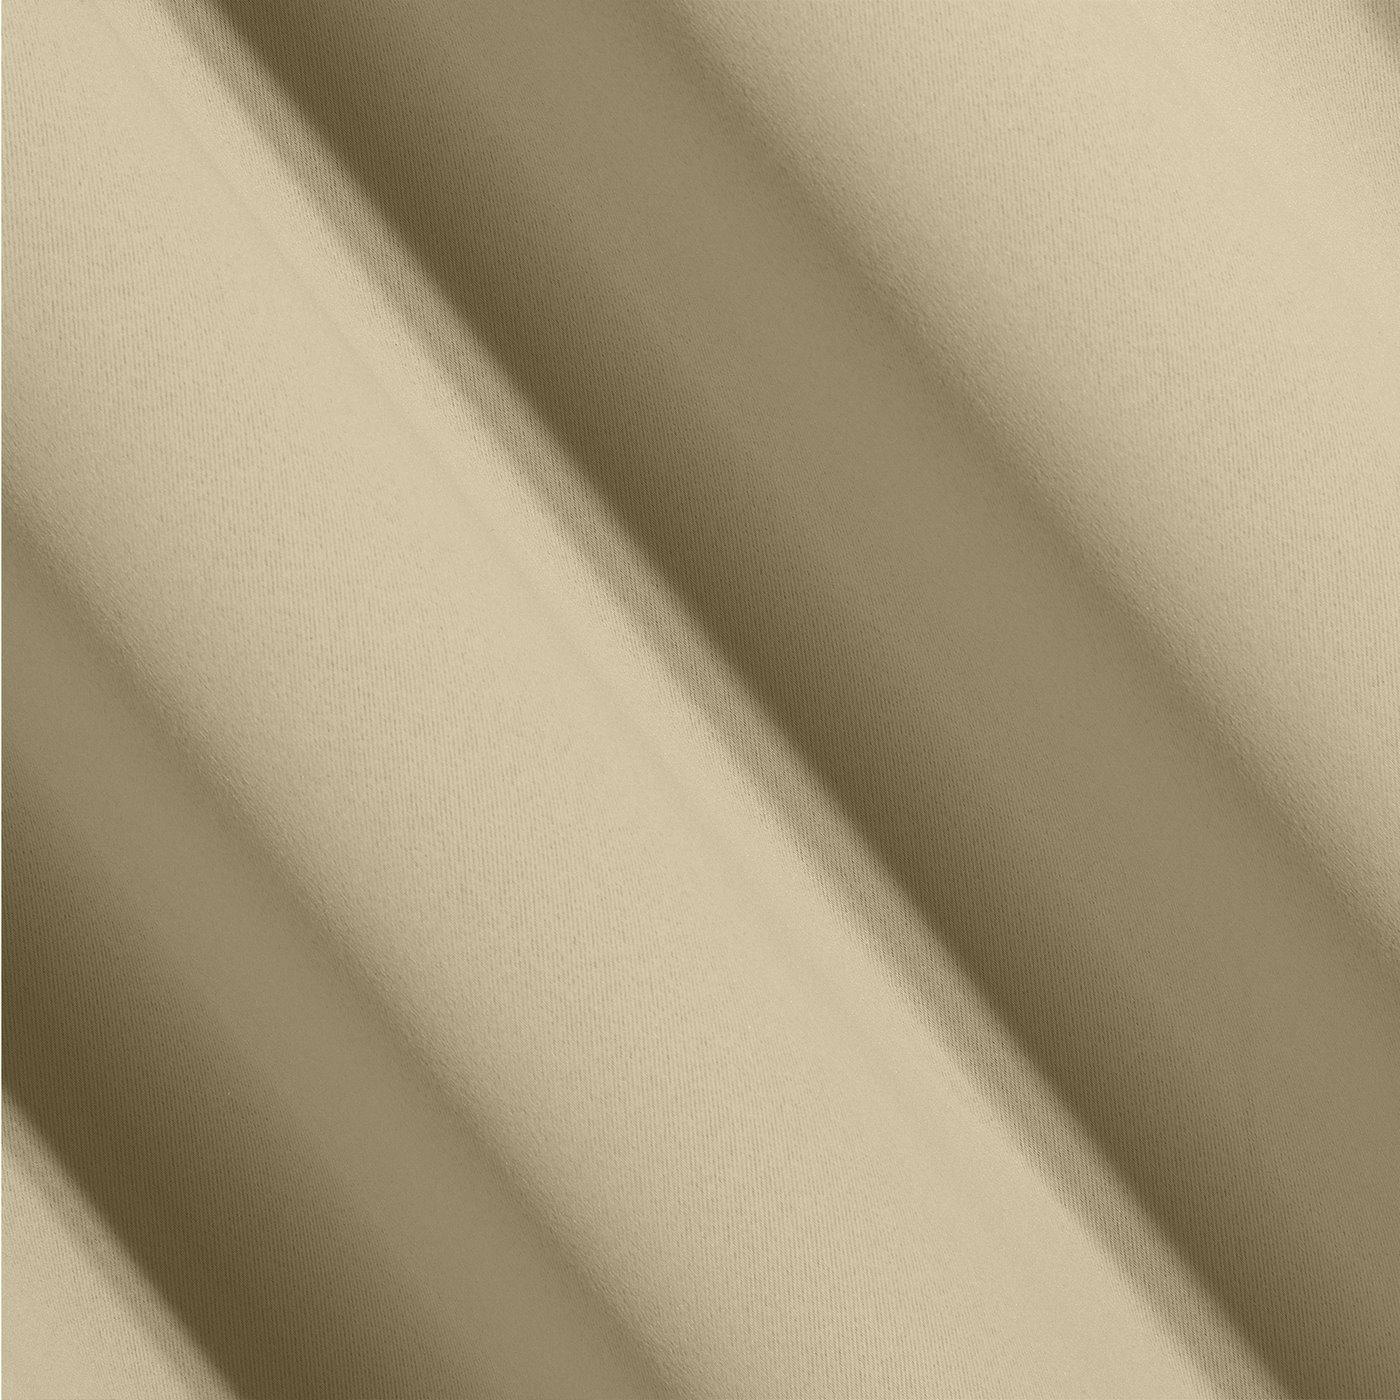 Zasłony ZACIEMNIAJĄCE to doskonała propozycja do salonu czy sypialni. Uszyte z materiału typu blackout zasłony zatrzymują większość światła słonecznego lub uciążliwy blask nocnego oświetlenia. Gruba, mięsista tkanina daje również efekt wyciszenia hałasów dobiegających z zewnątrz. Zasłony ZACIEMNIAJĄ